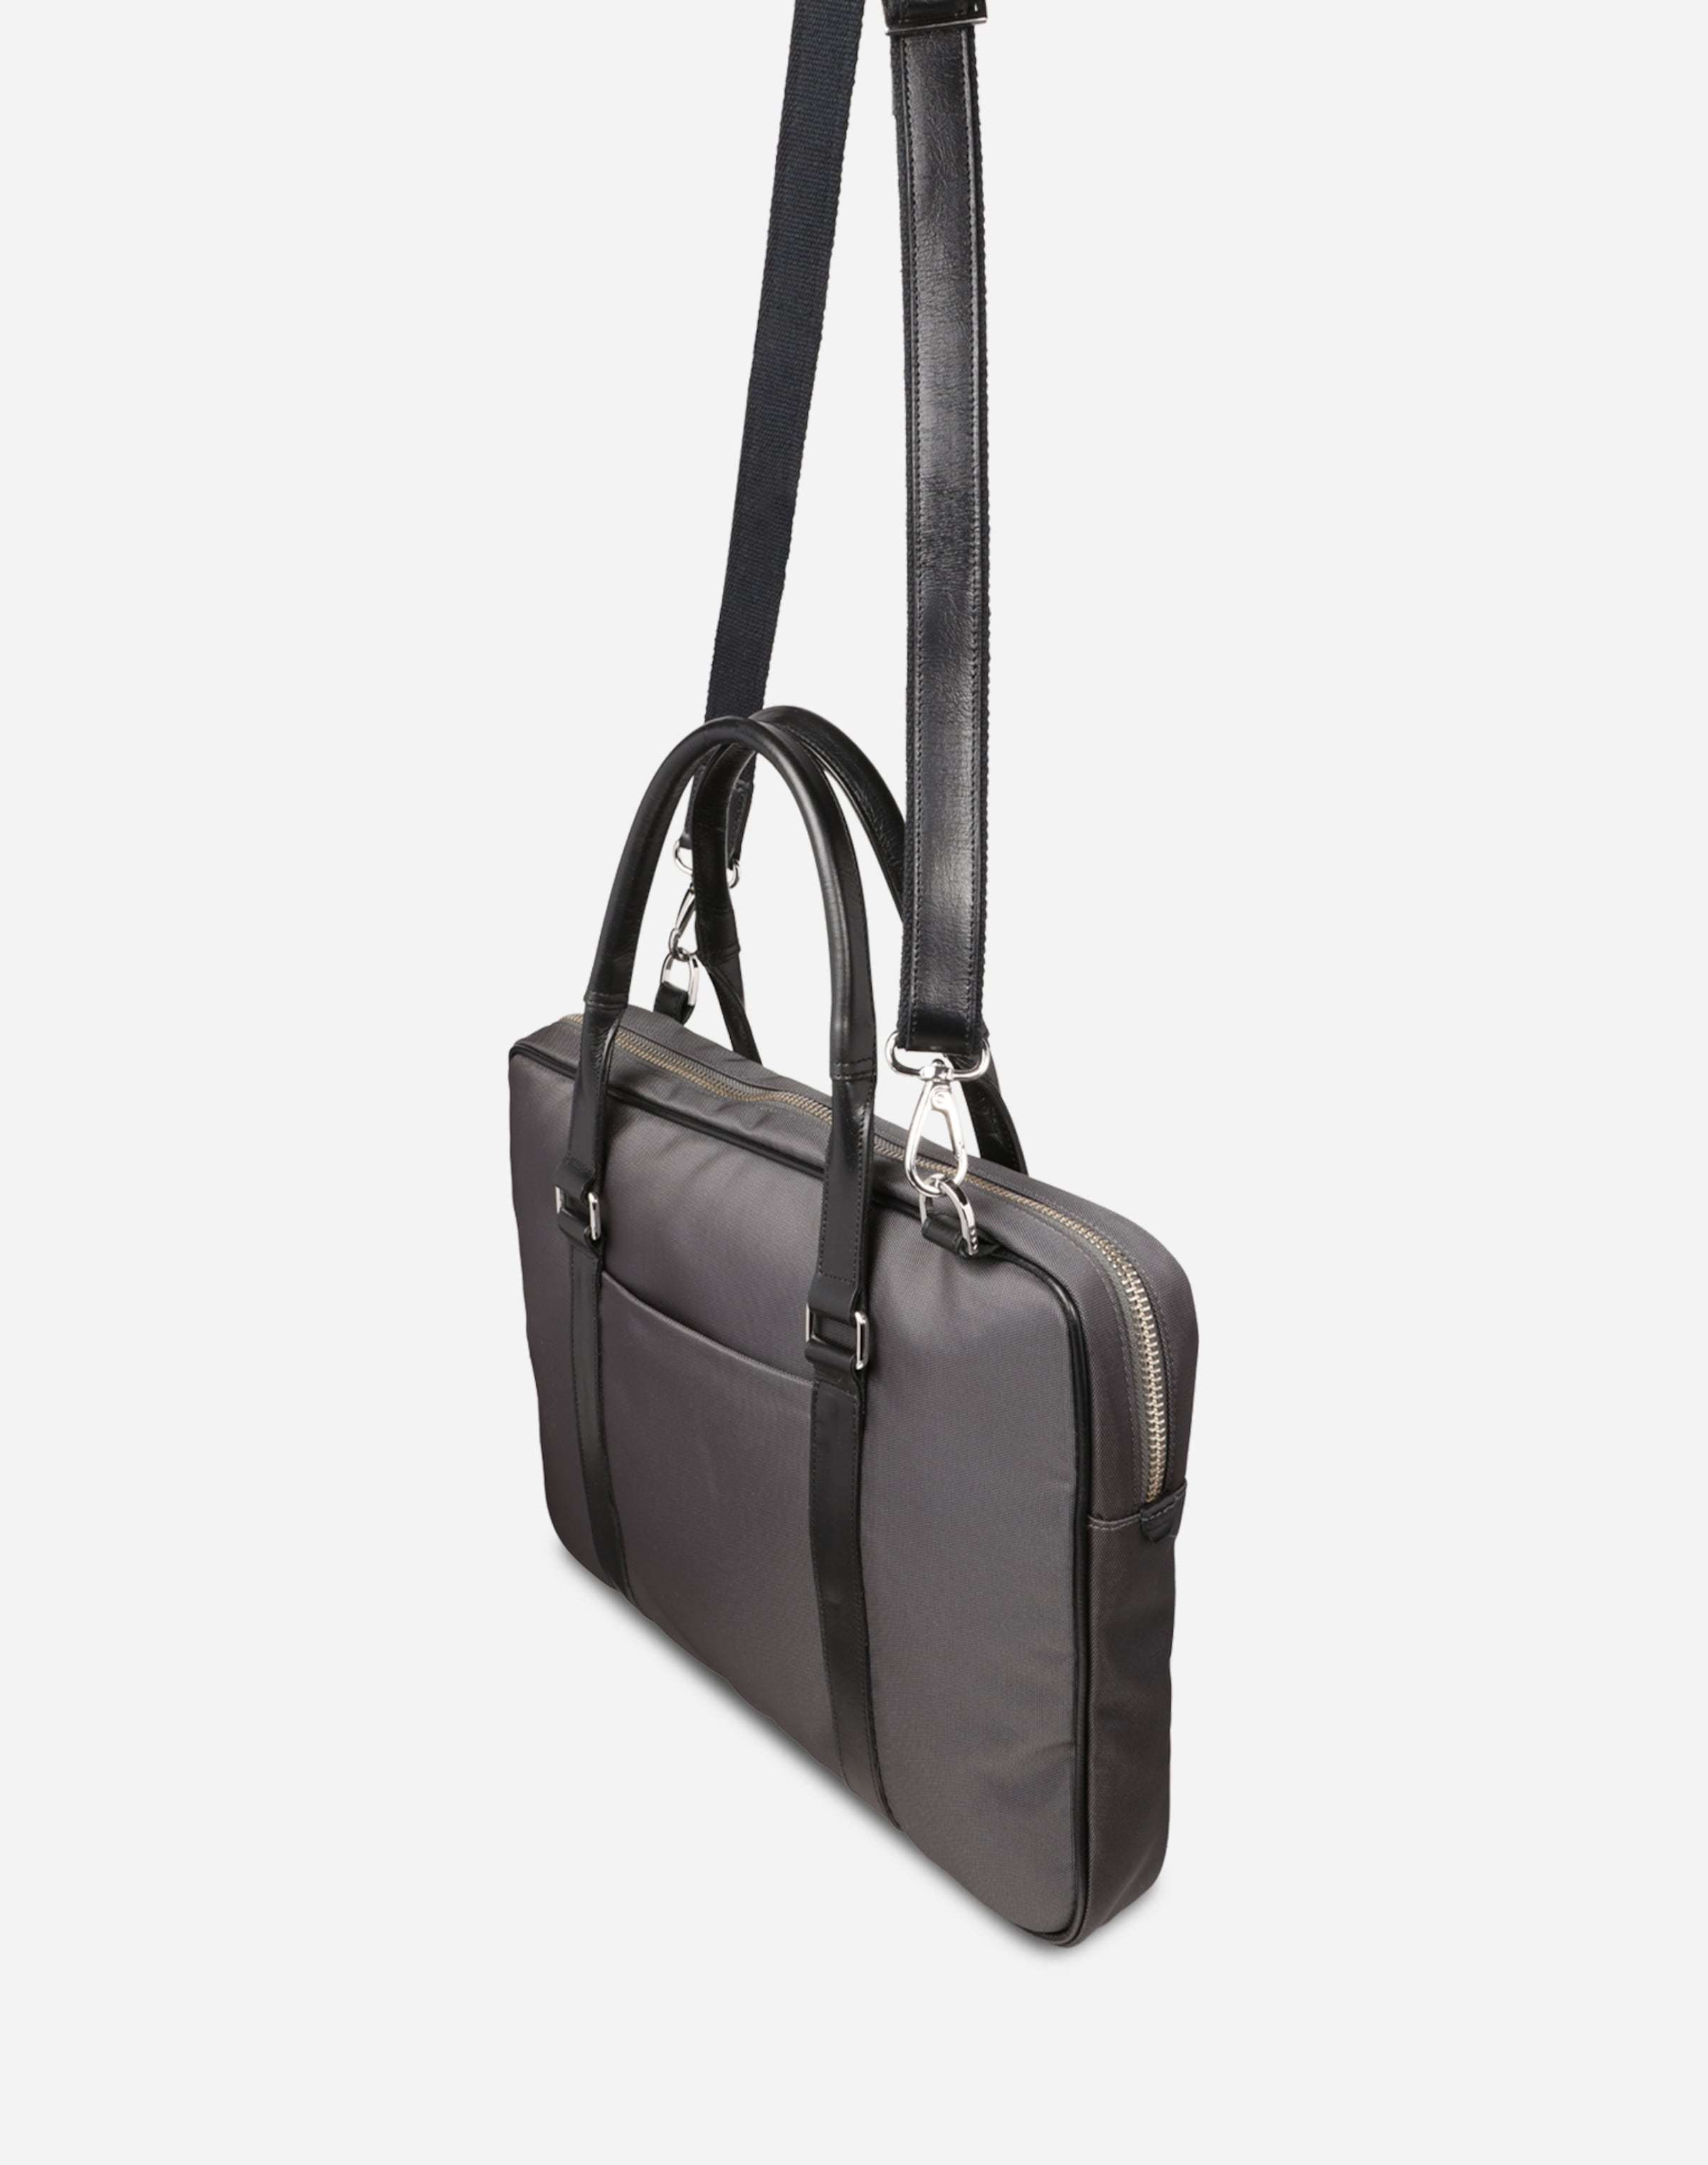 Outlet Brandneue Unisex Auslass Bester Verkauf ROYAL REPUBLIQ 'Galactic Affinity' Tasche Billig Verkauf Erstaunlicher Preis LoFg8PlP